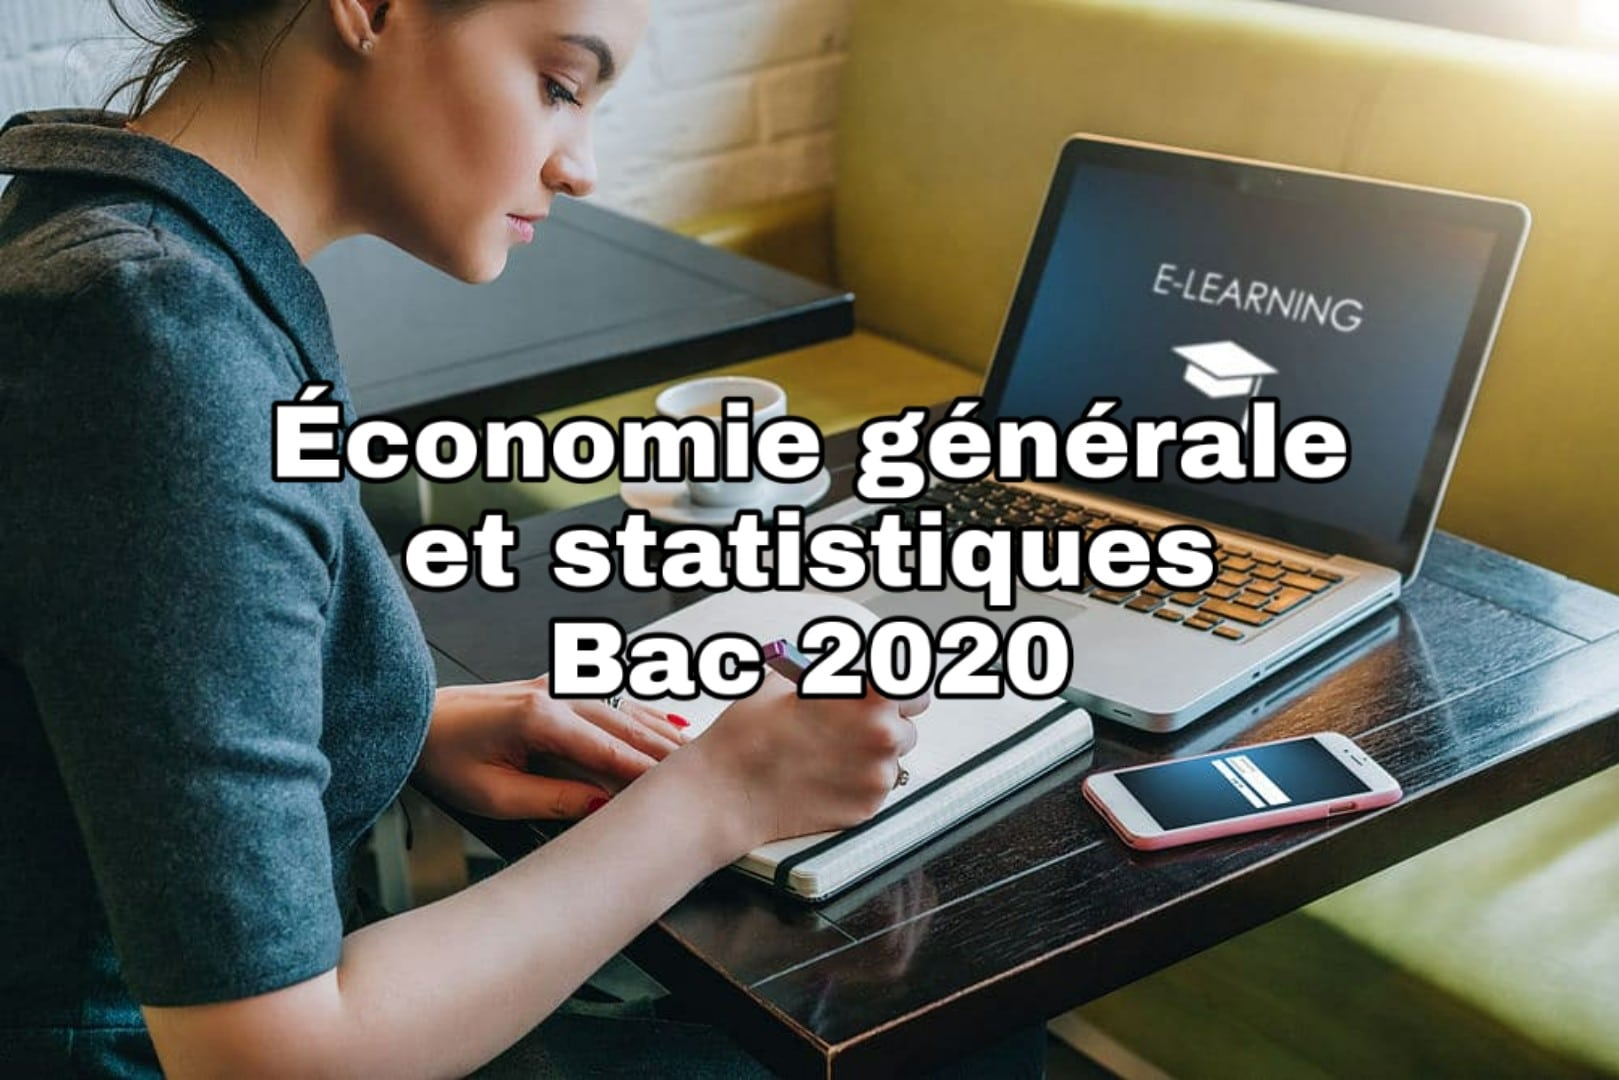 Séance à distance de 2H en économie générale BAC 2020